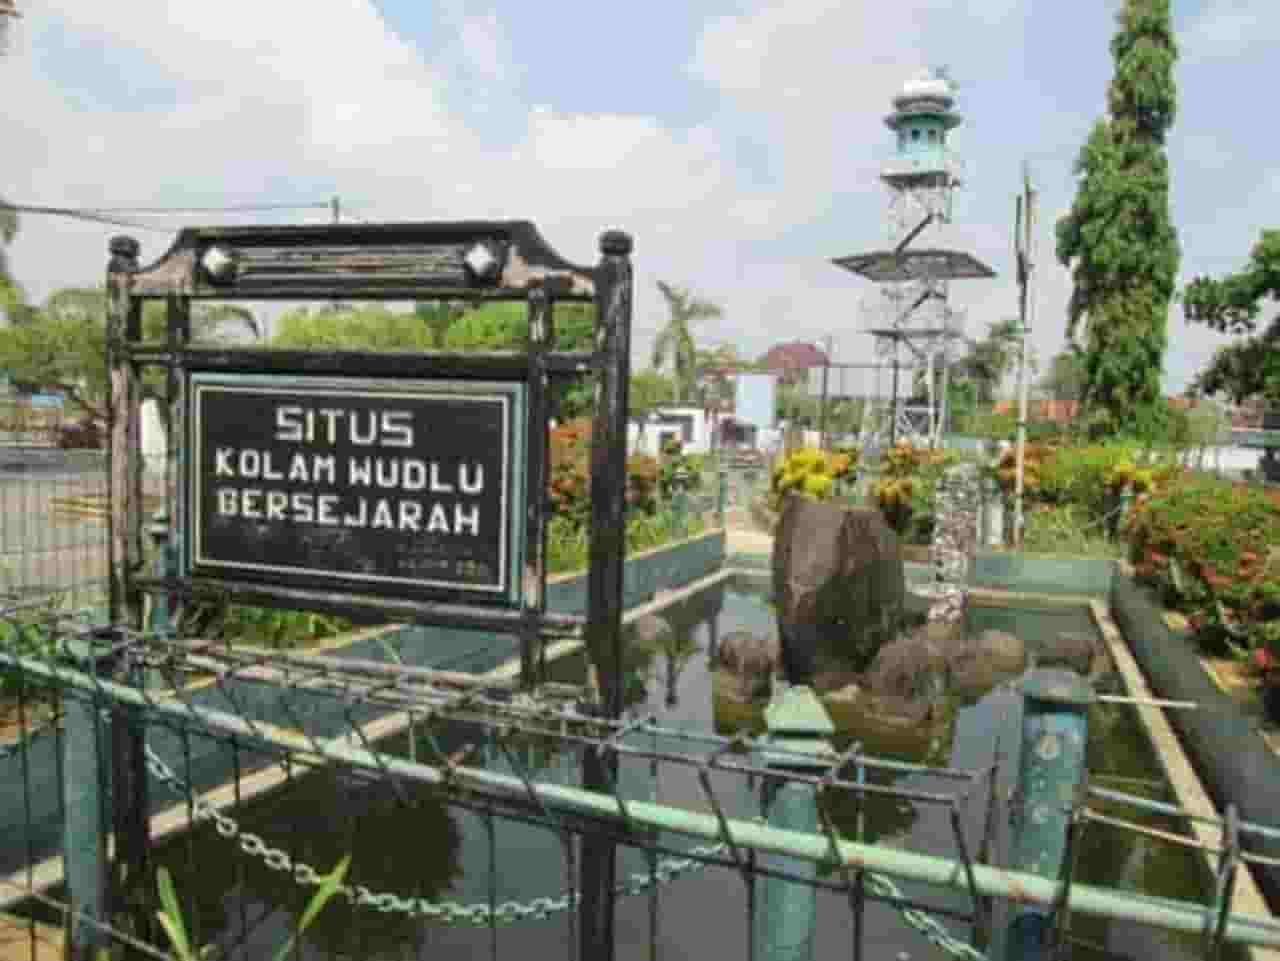 Situs Kolam Wudhu